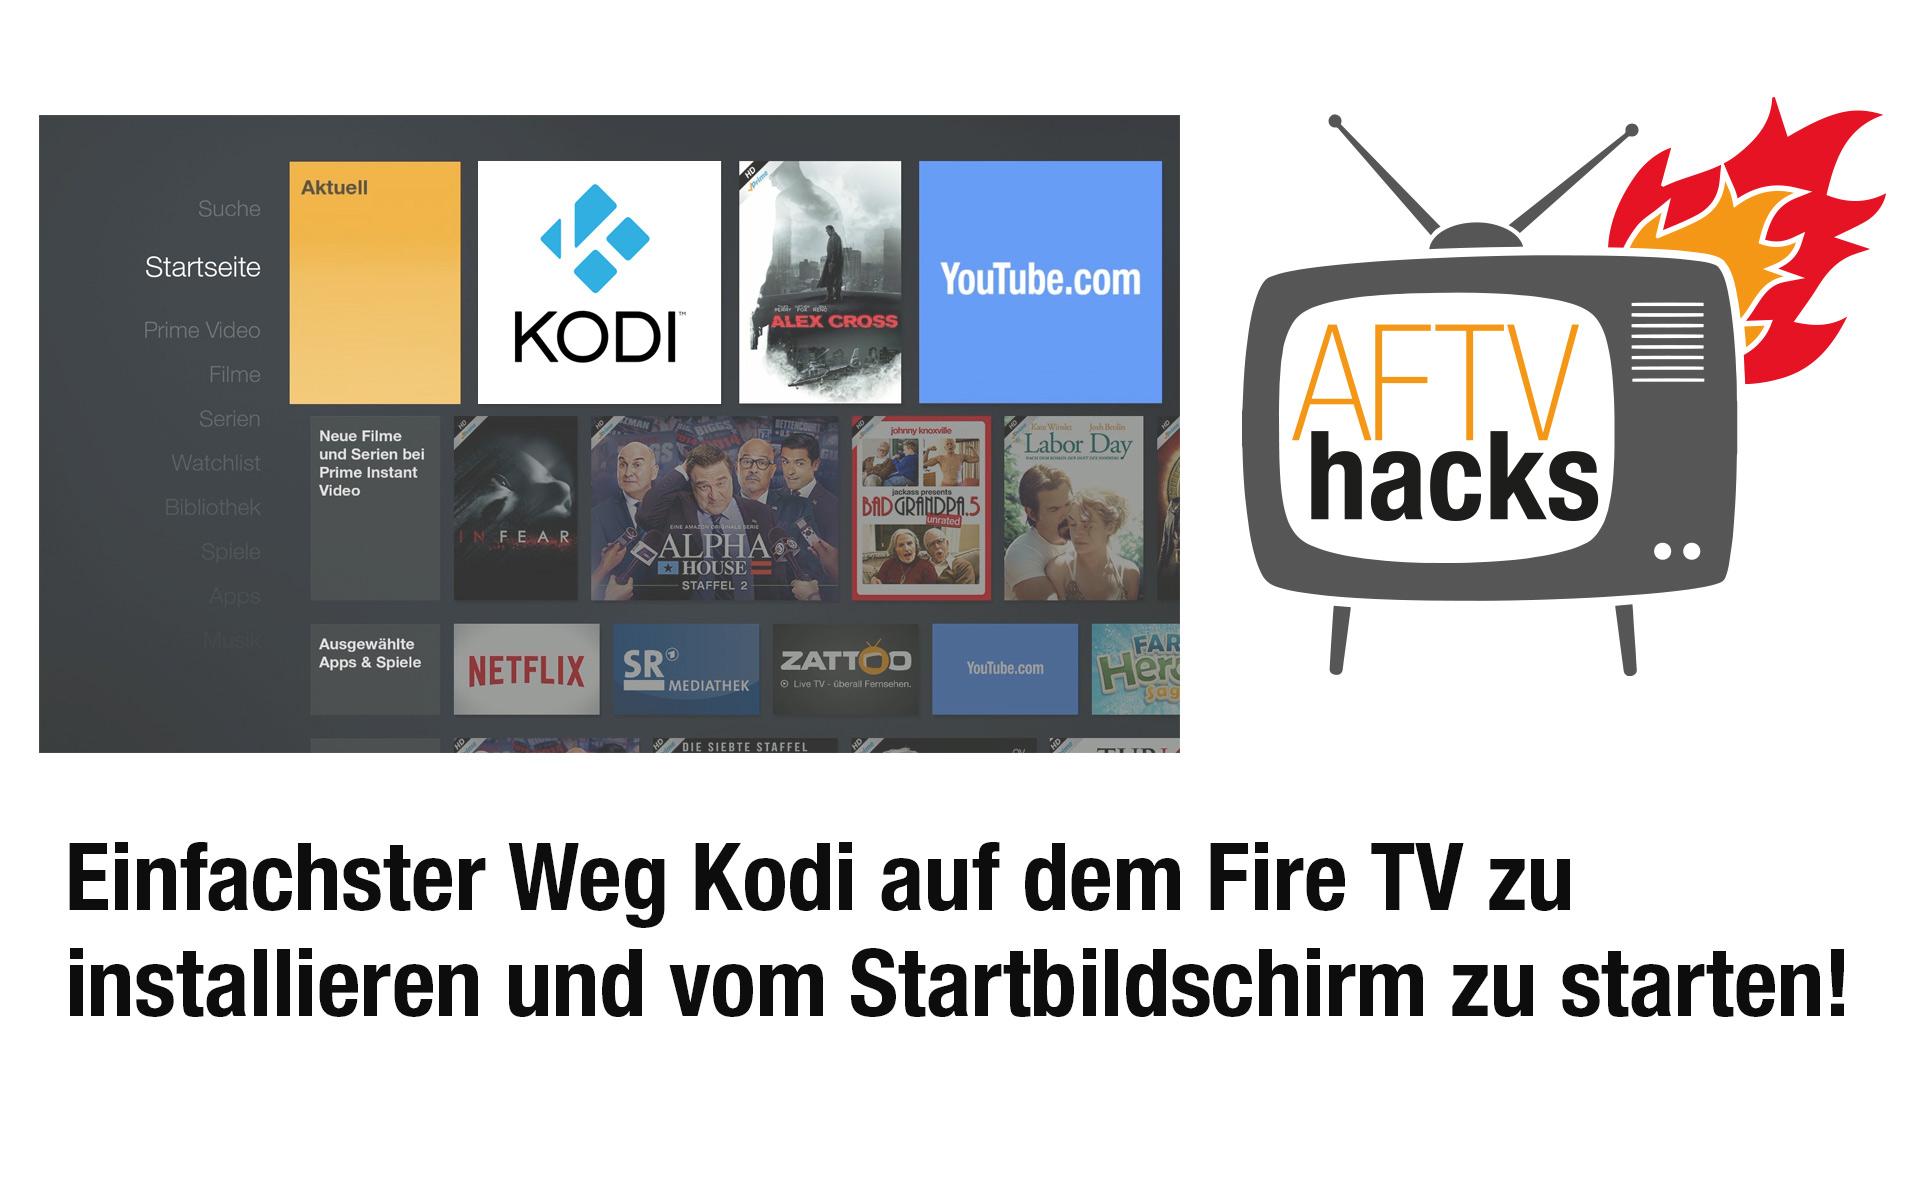 Einfachster Weg, Kodi auf dem Fire TV/Fire TV Stick zu installieren und vom Startbildschirm aus zu starten